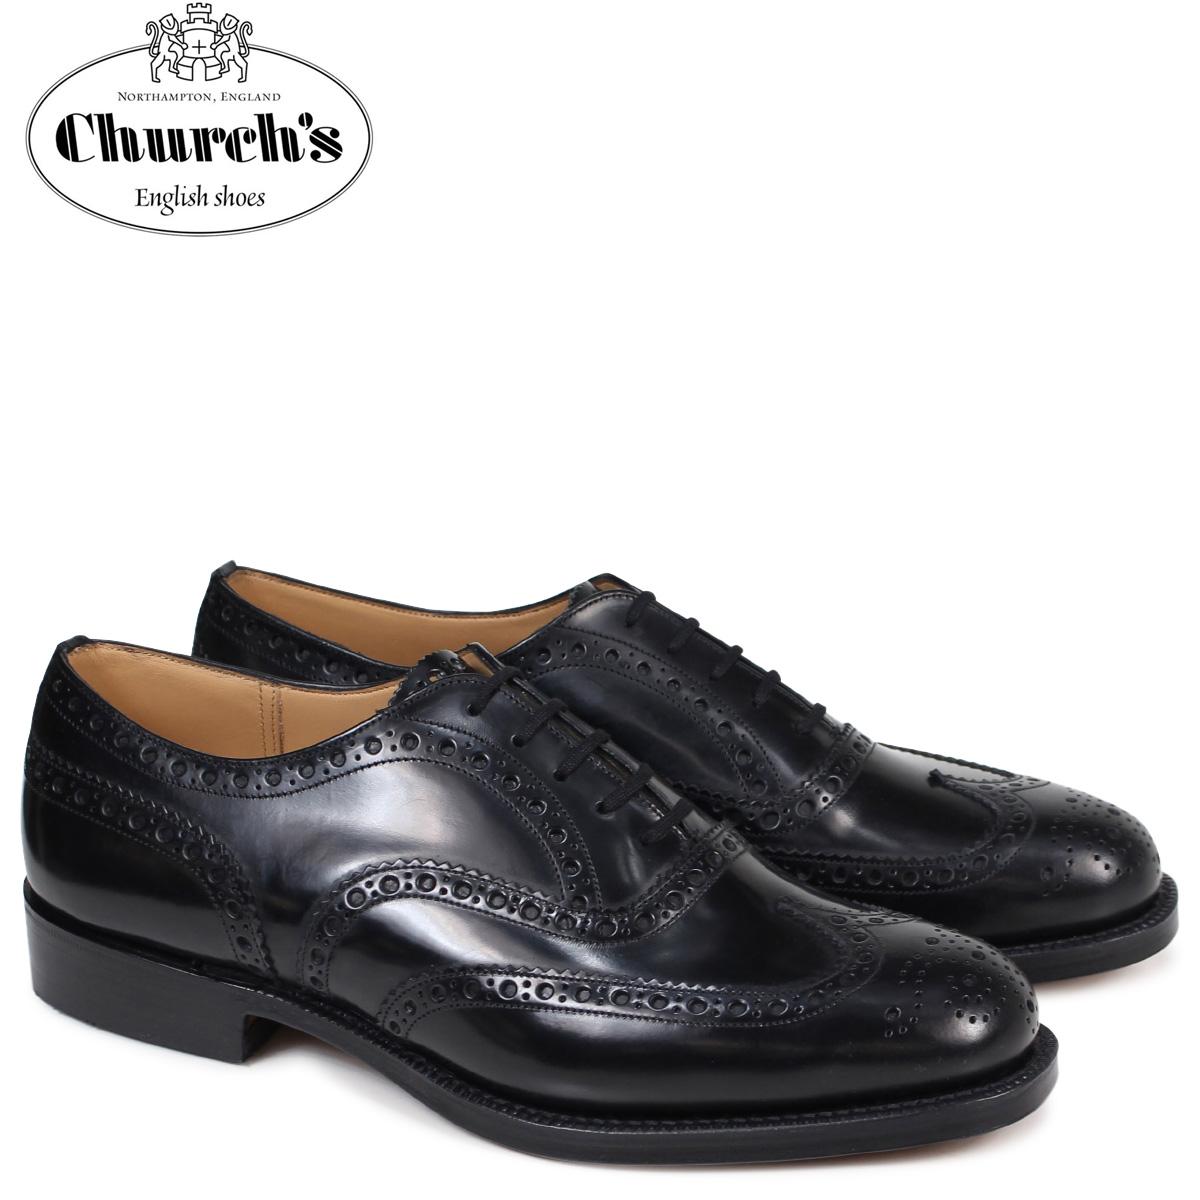 チャーチ Churchs 靴 バーウッド ウイングチップ シューズ メンズ BURWOOD レザー ブラック EEB002